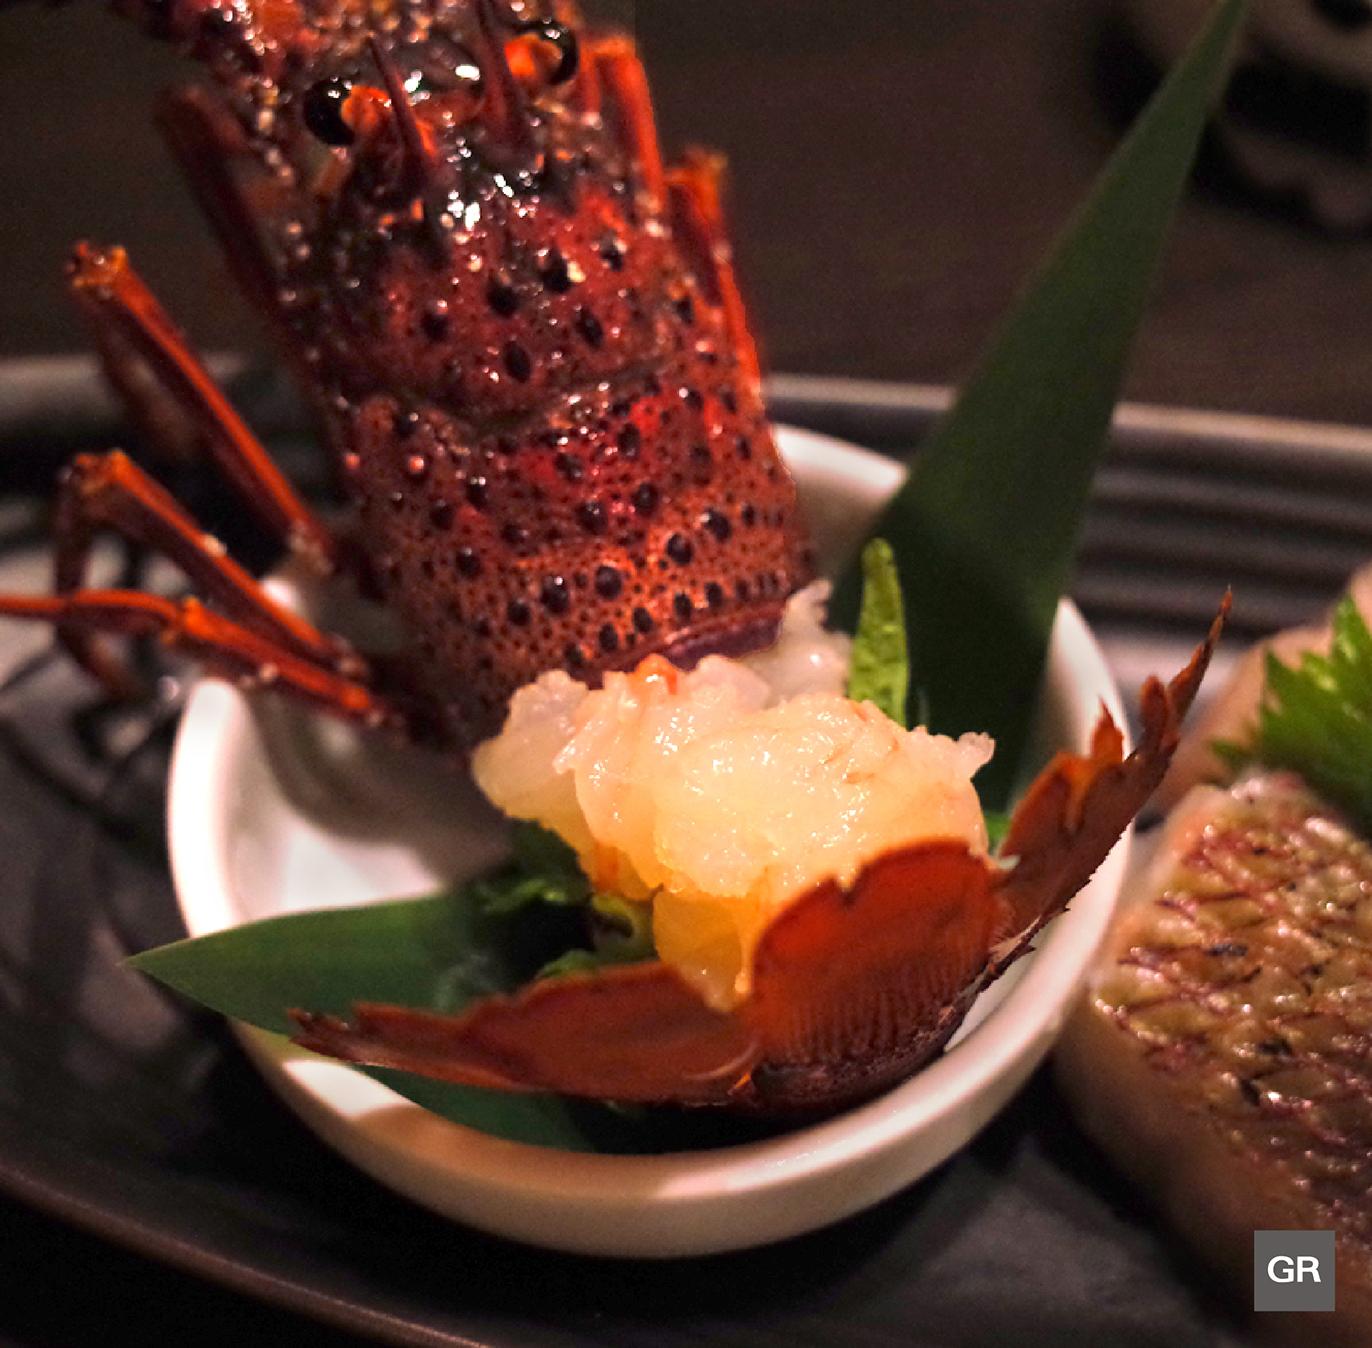 ซาชิมิ กุ้งมังกรอิเสะ (ISE EBI Sashimi)